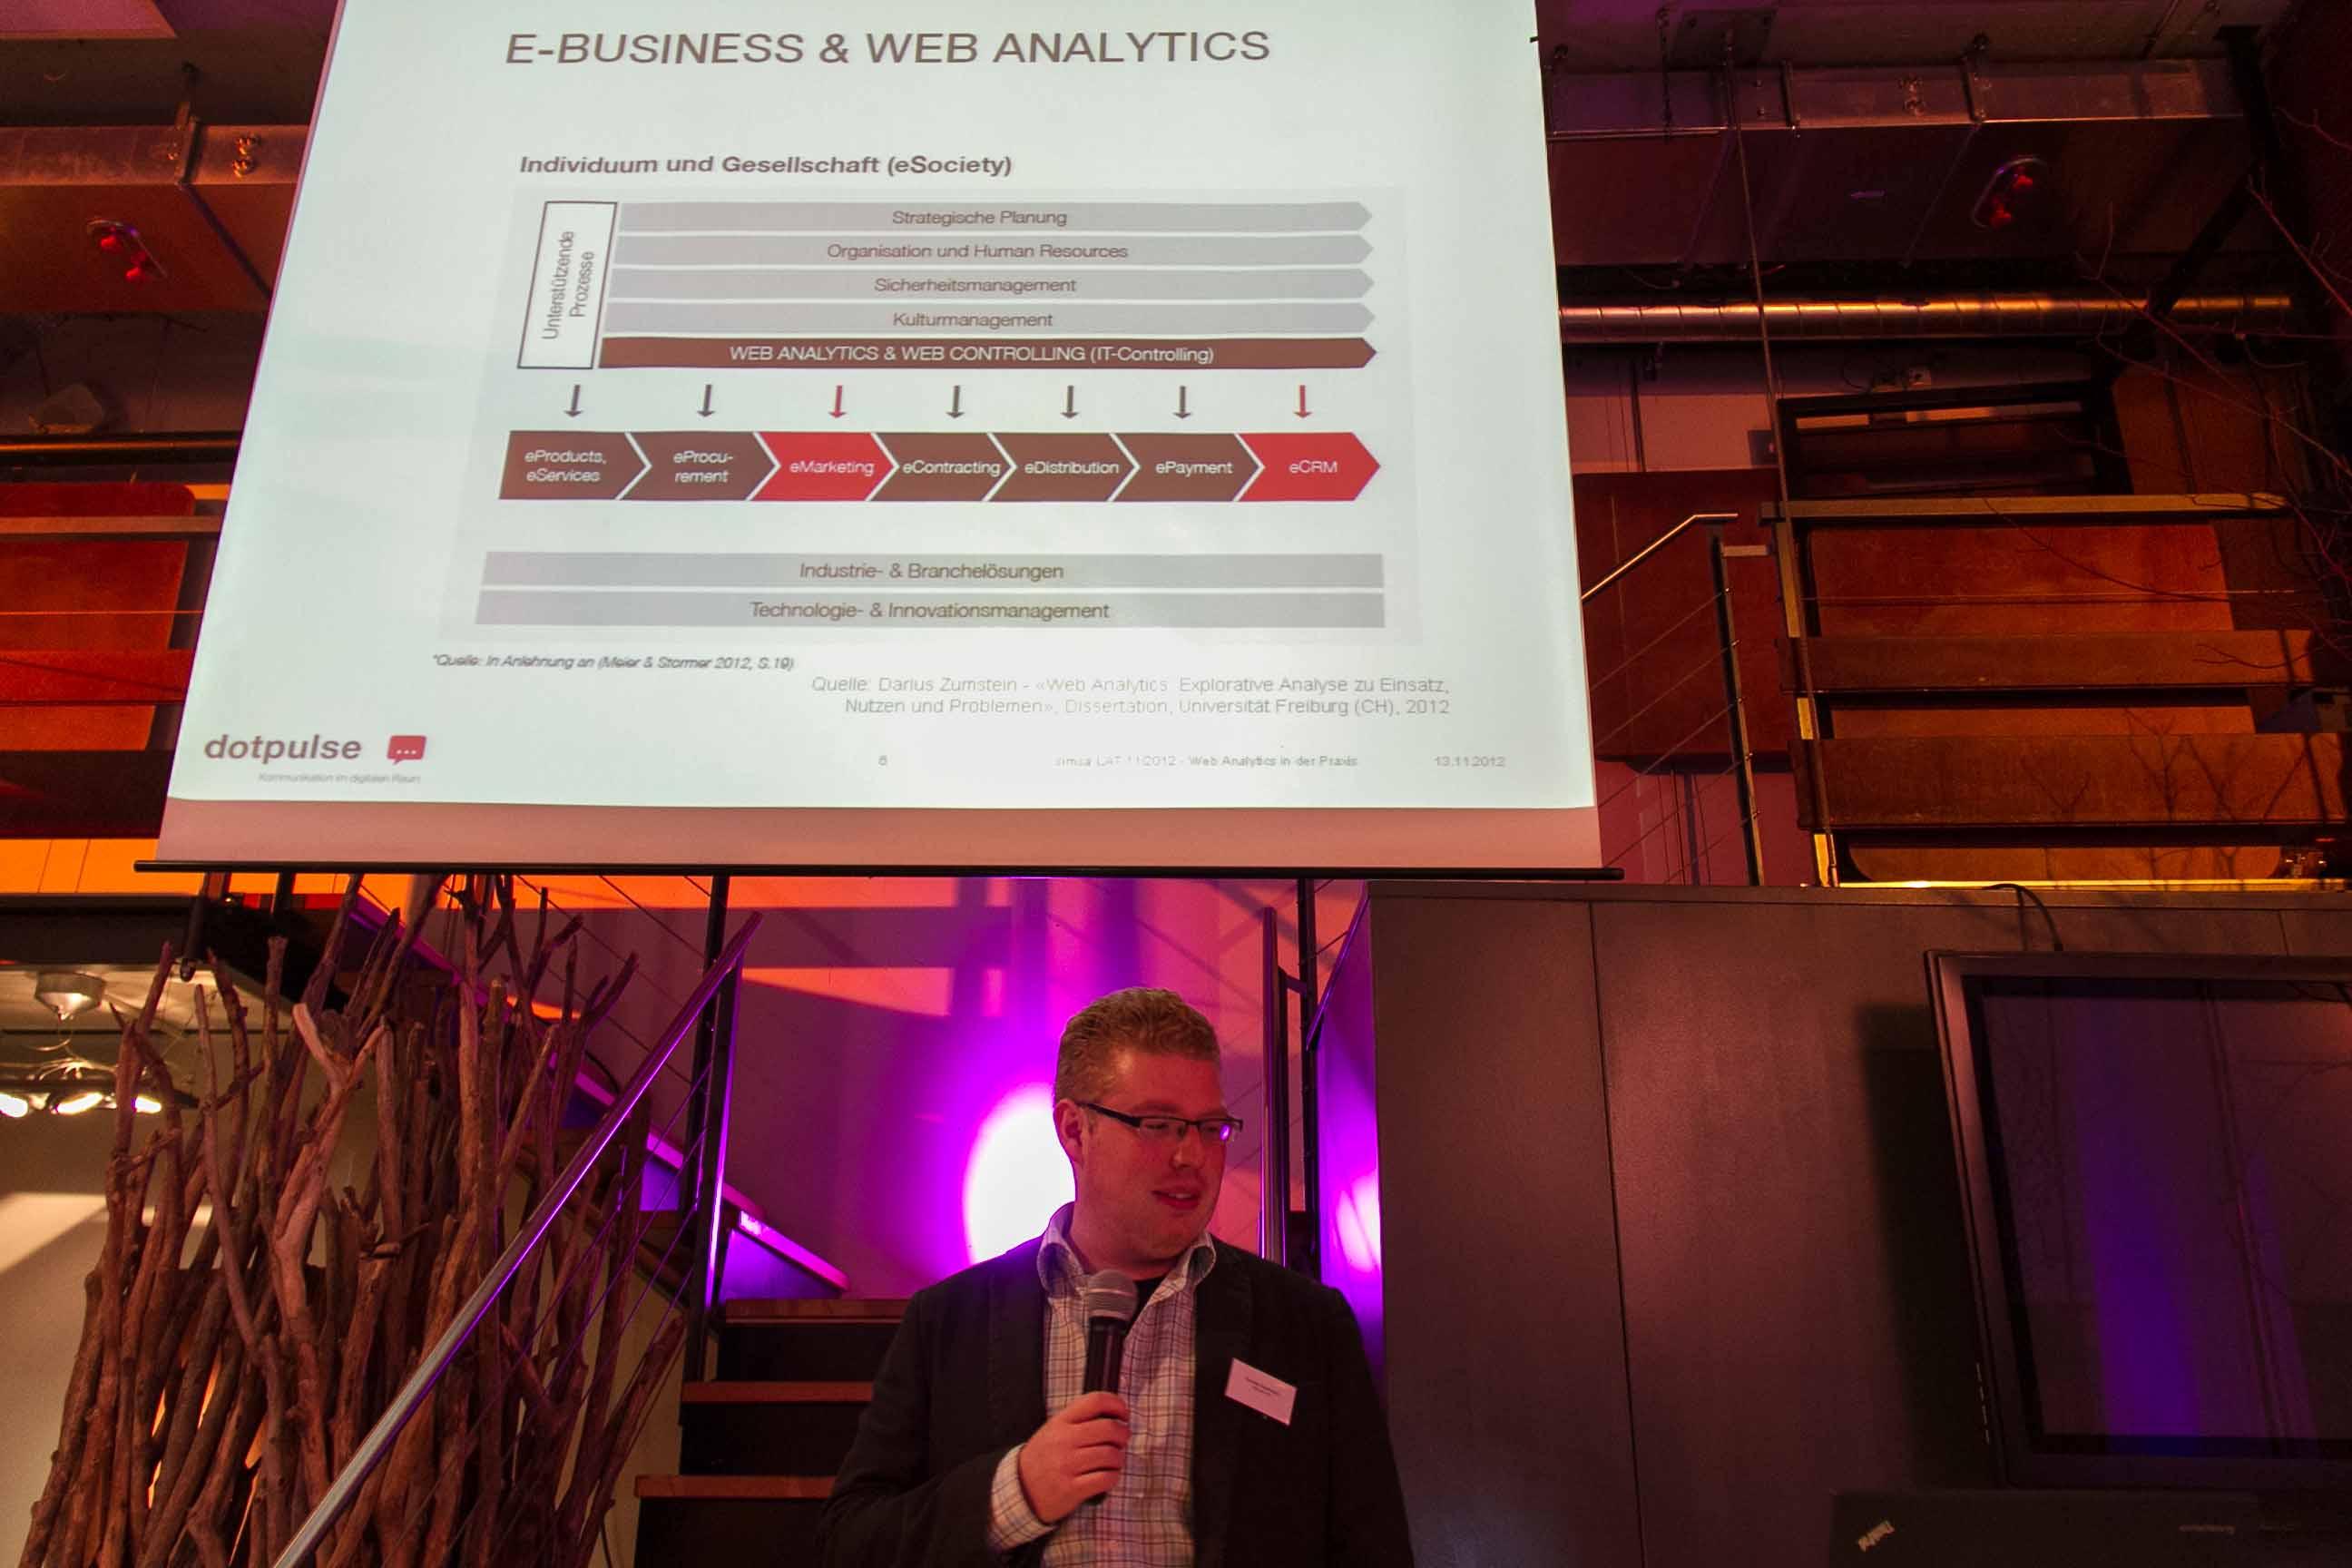 Web-Analytics Nicolas-Kaufmann von dotpulse in der Blumenhalle Zürich